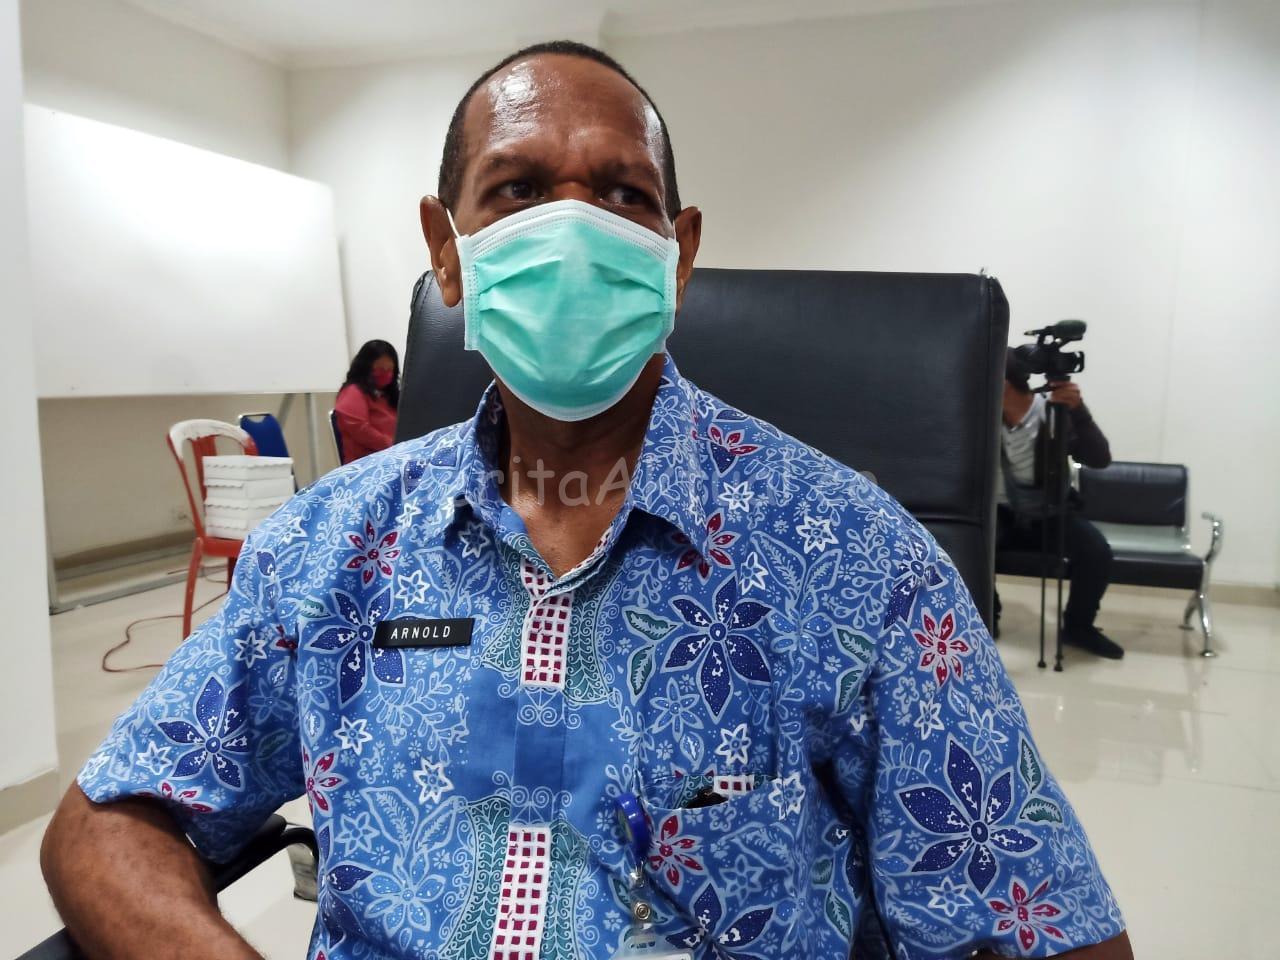 Arnoldus Tiniap: Baru 5 Kabupaten Kota di PB Yang Telah Siapkan Karantina Terpusat 1 IMG 20200521 WA0040